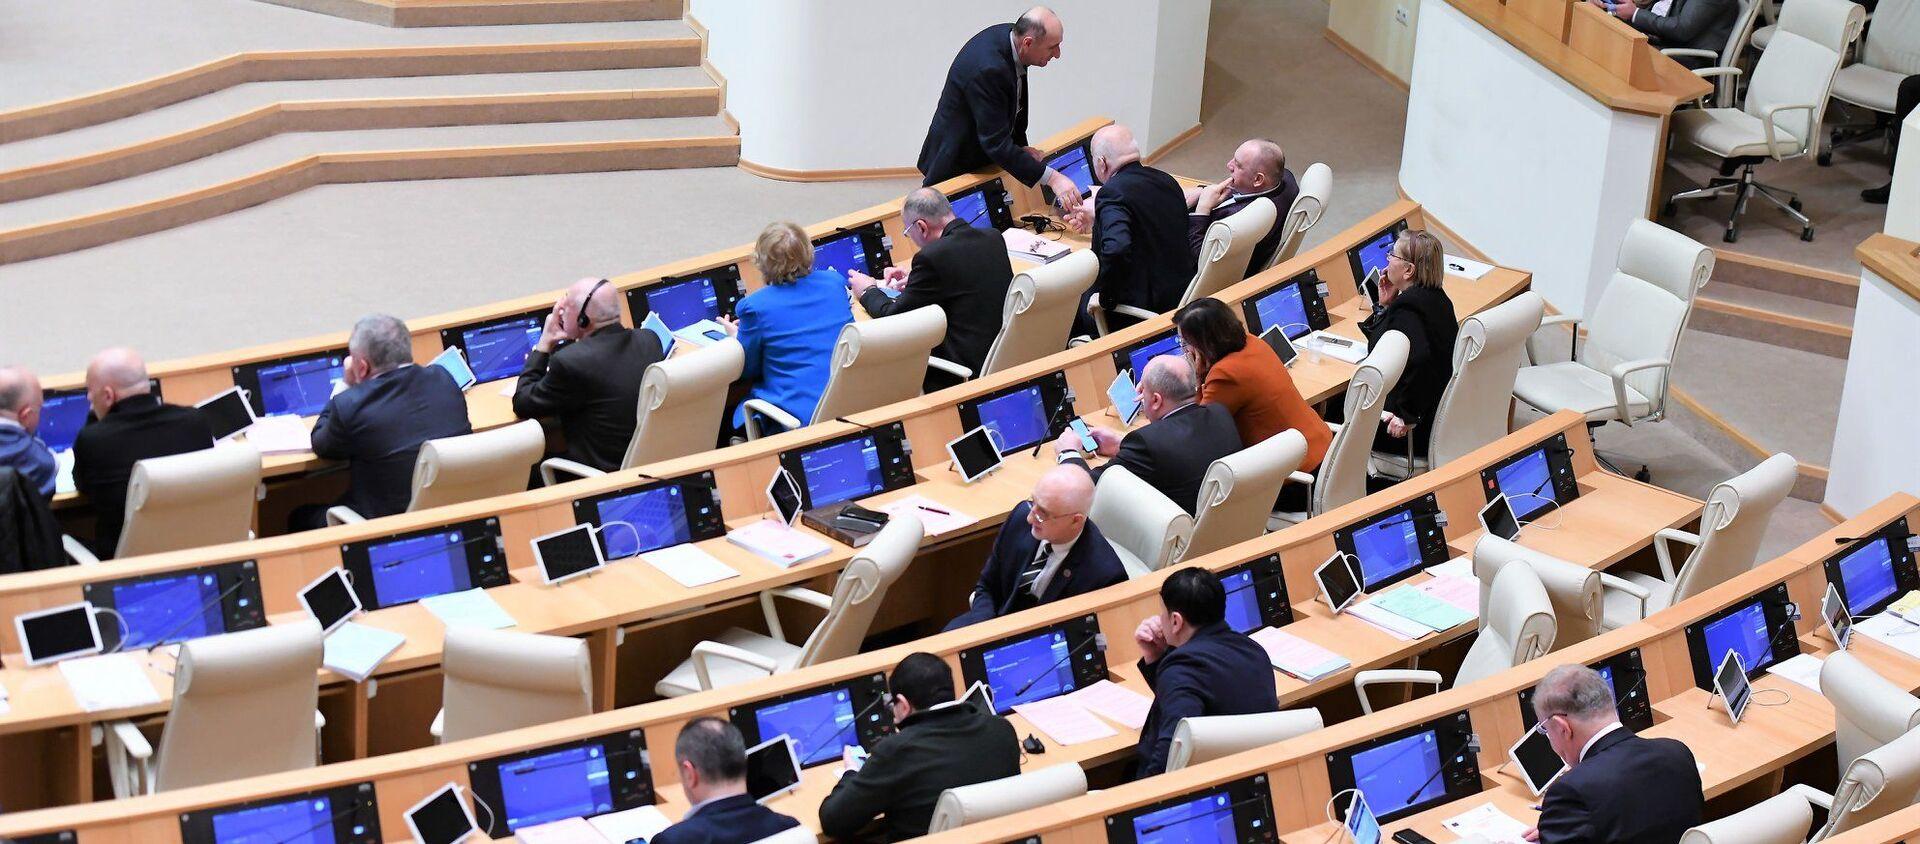 Заседание парламента Грузии. Депутаты - Sputnik Грузия, 1920, 11.01.2021